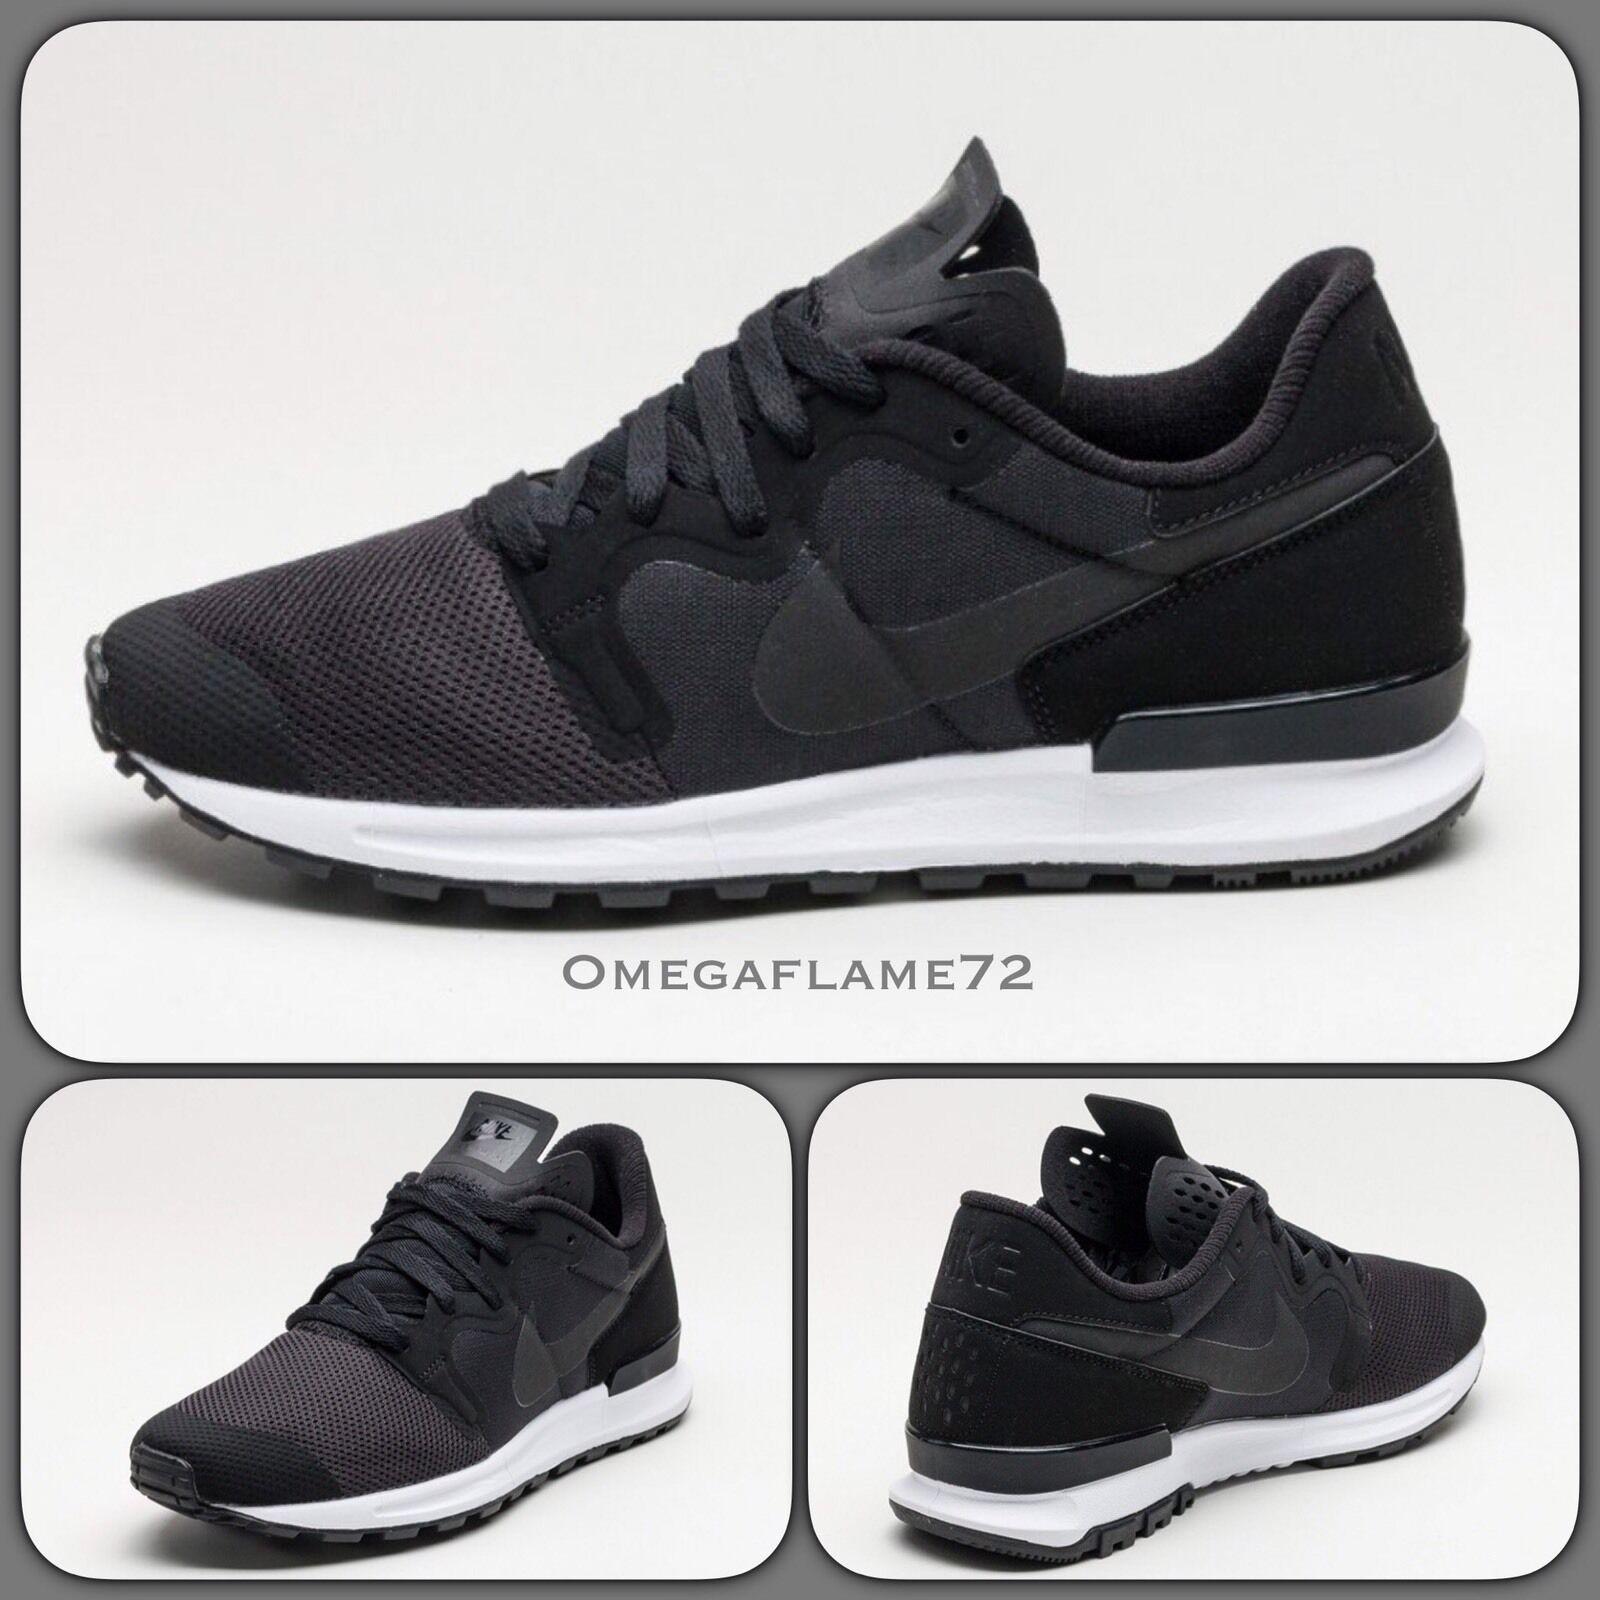 Nike Air Berwuda US noir 555305-0048.5 EU 43 US Berwuda 9.5 Waffle Internationalist 21ceaf